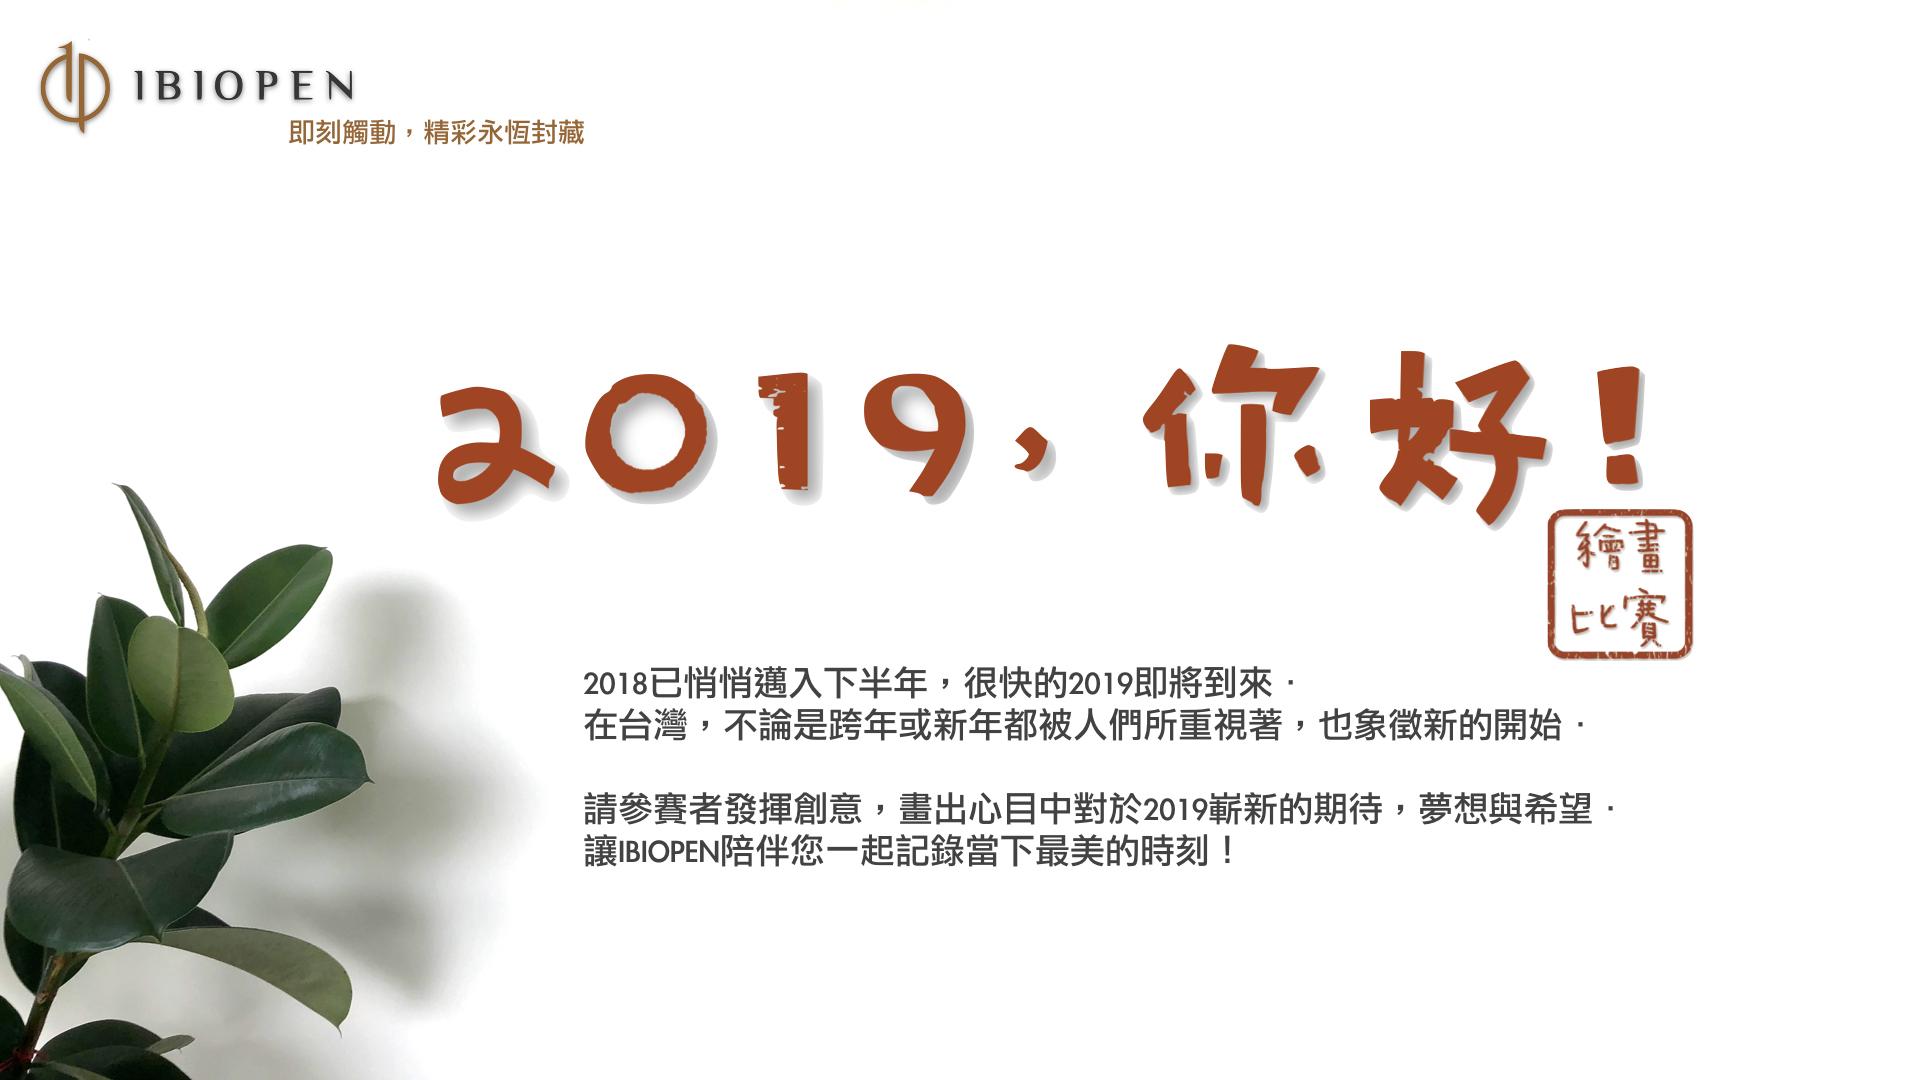 IBIOPEN 2019,你好!觸控筆繪畫比賽